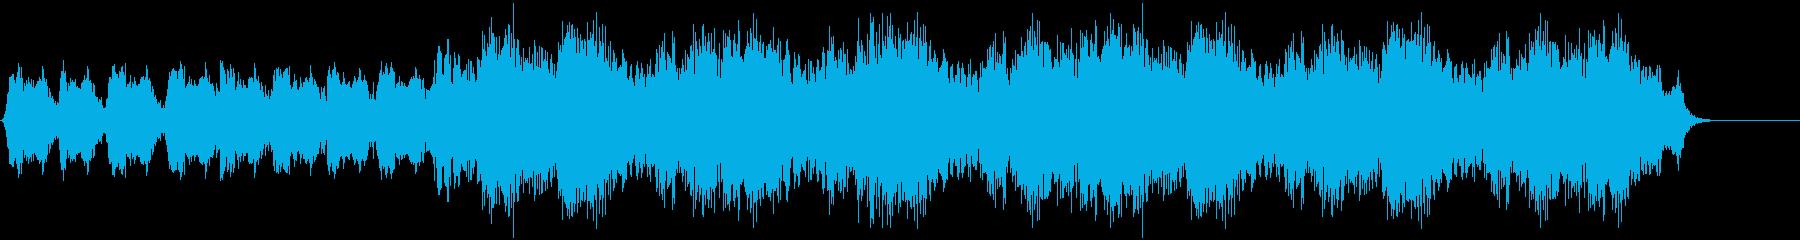 低音ベースのリズミカルなエアリリー...の再生済みの波形